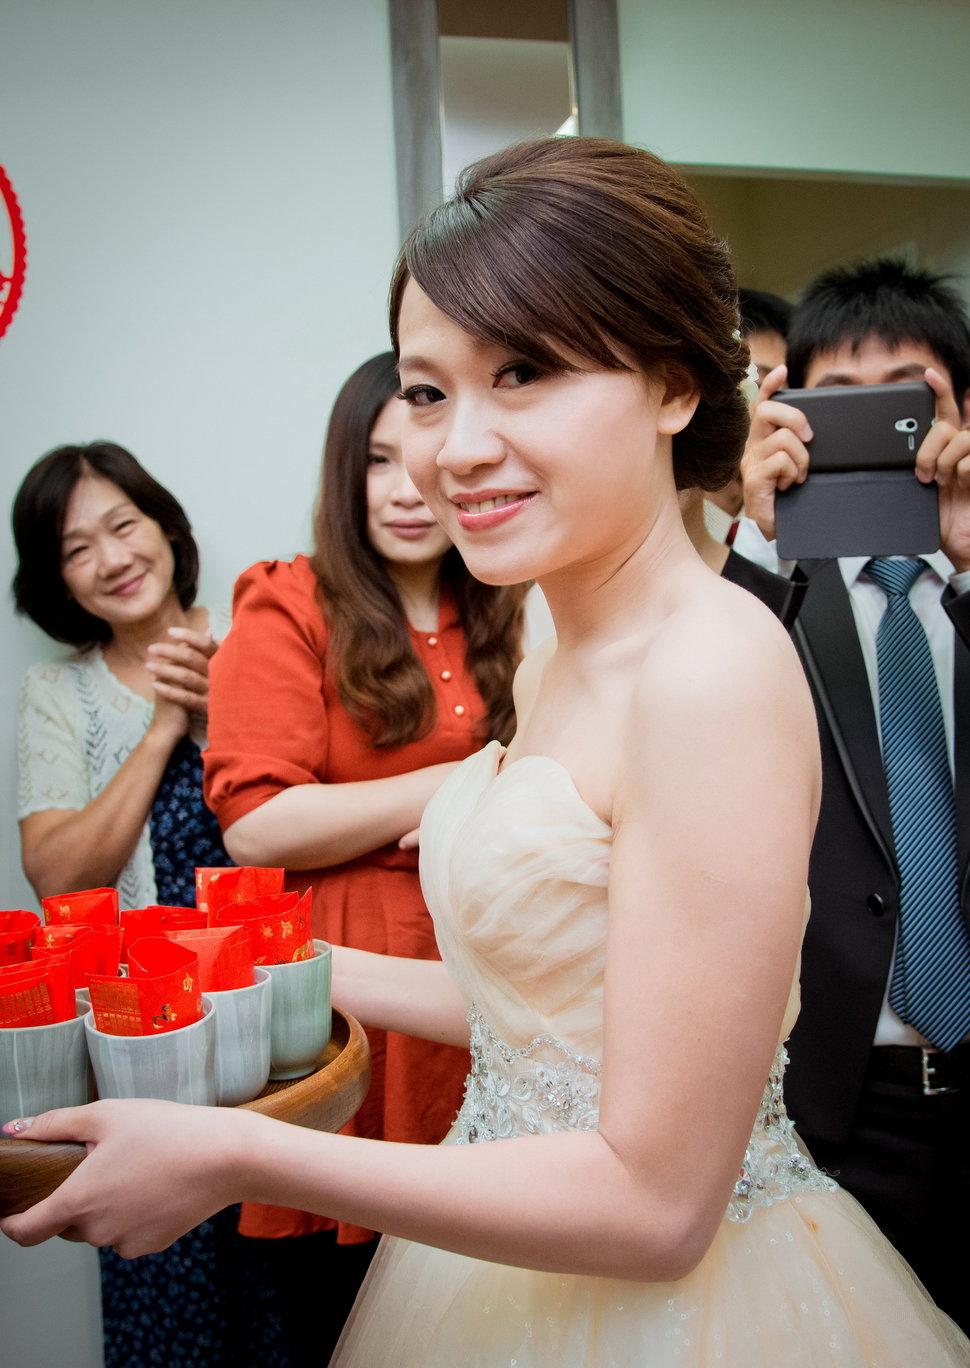 DSC_1614 - 光影人生photo studio《結婚吧》